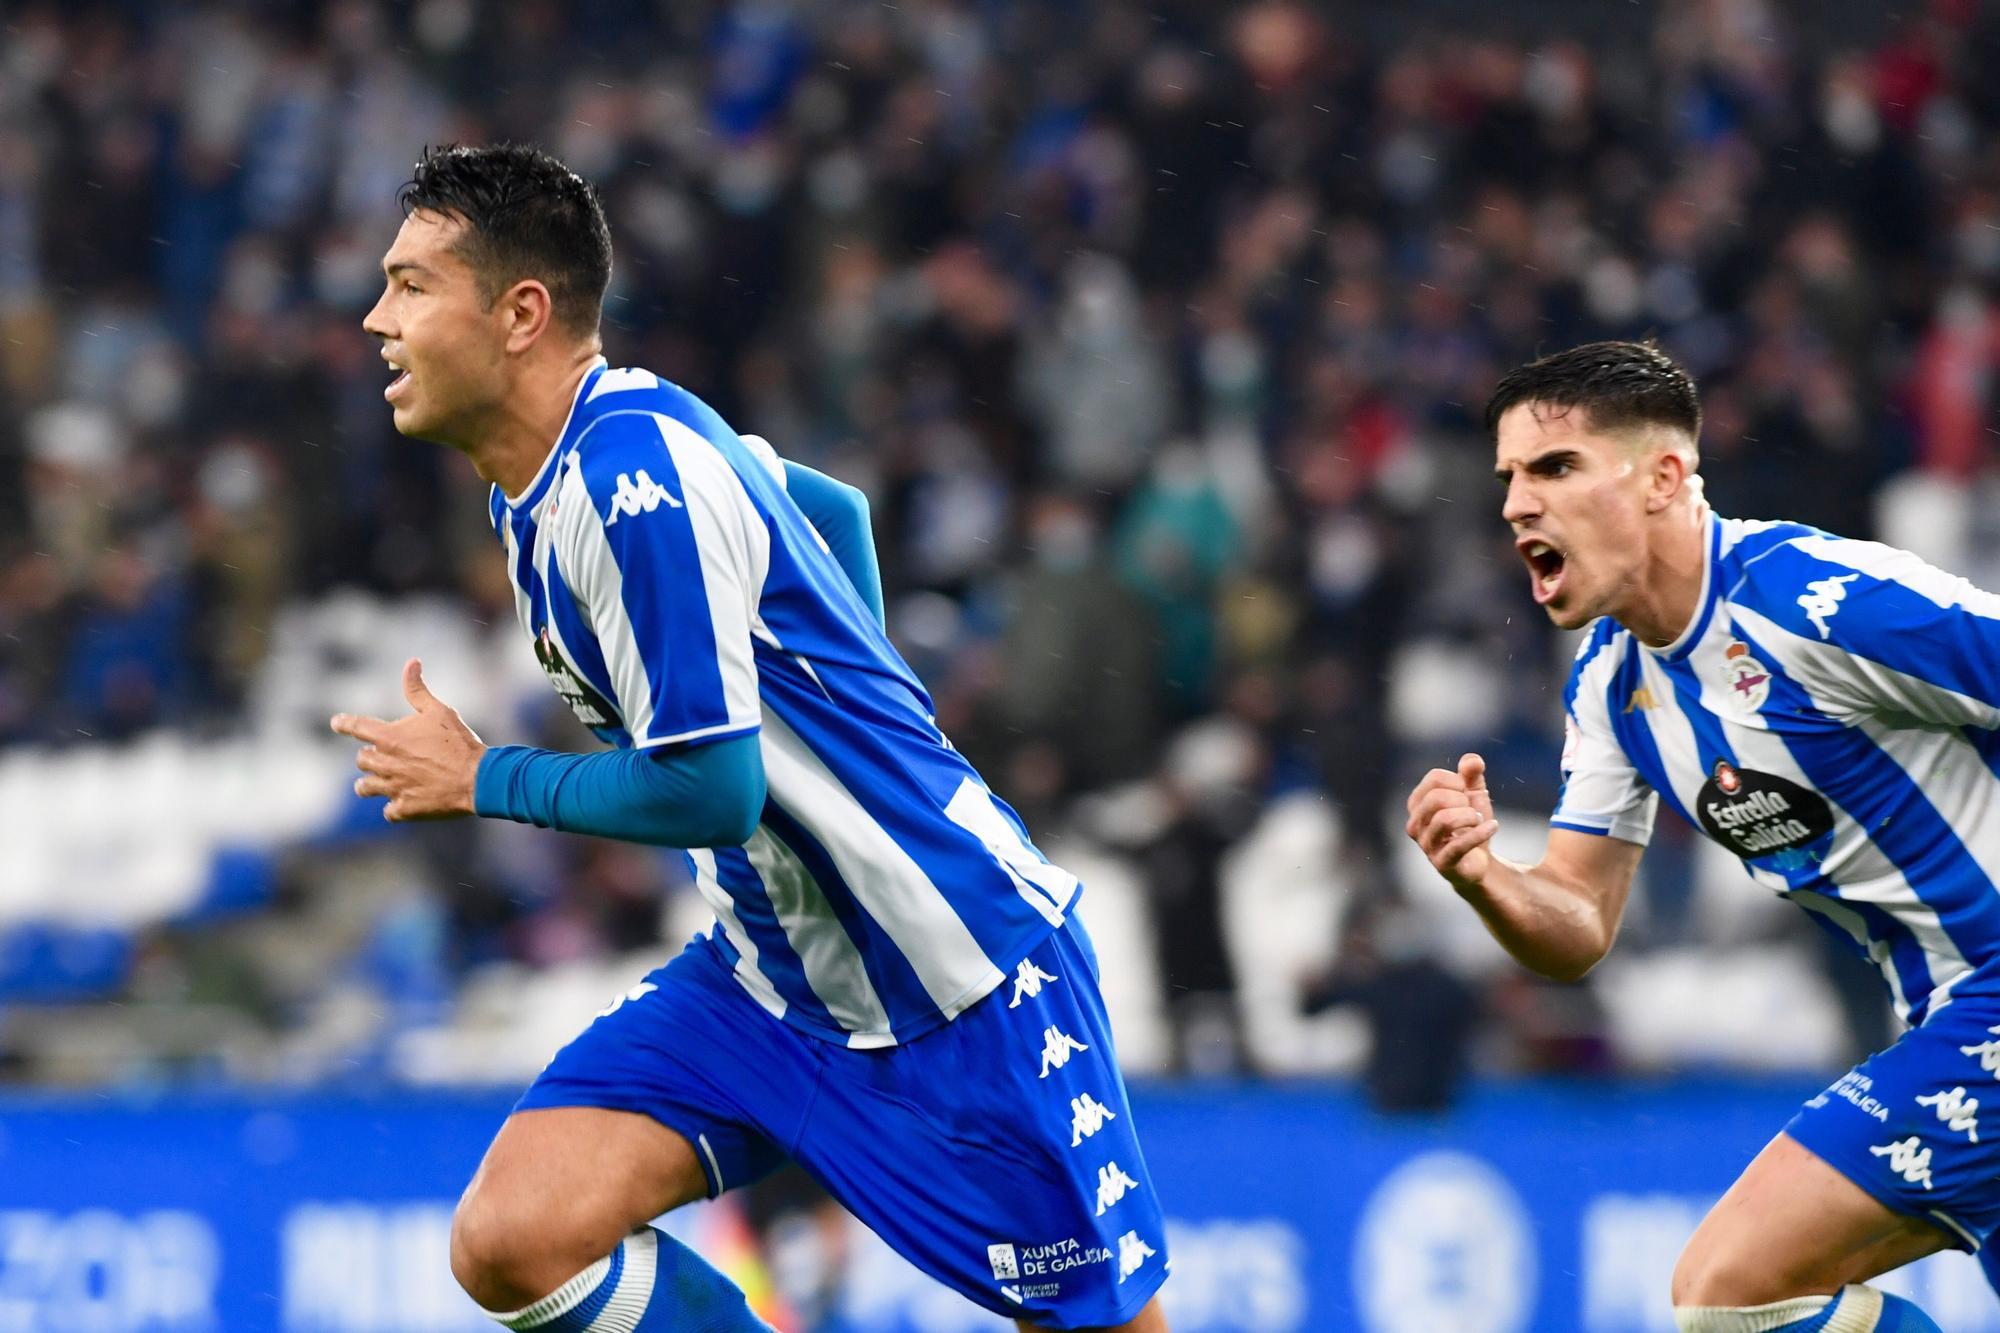 Deportivo 1 - 0 San Sebastián de los Reyes